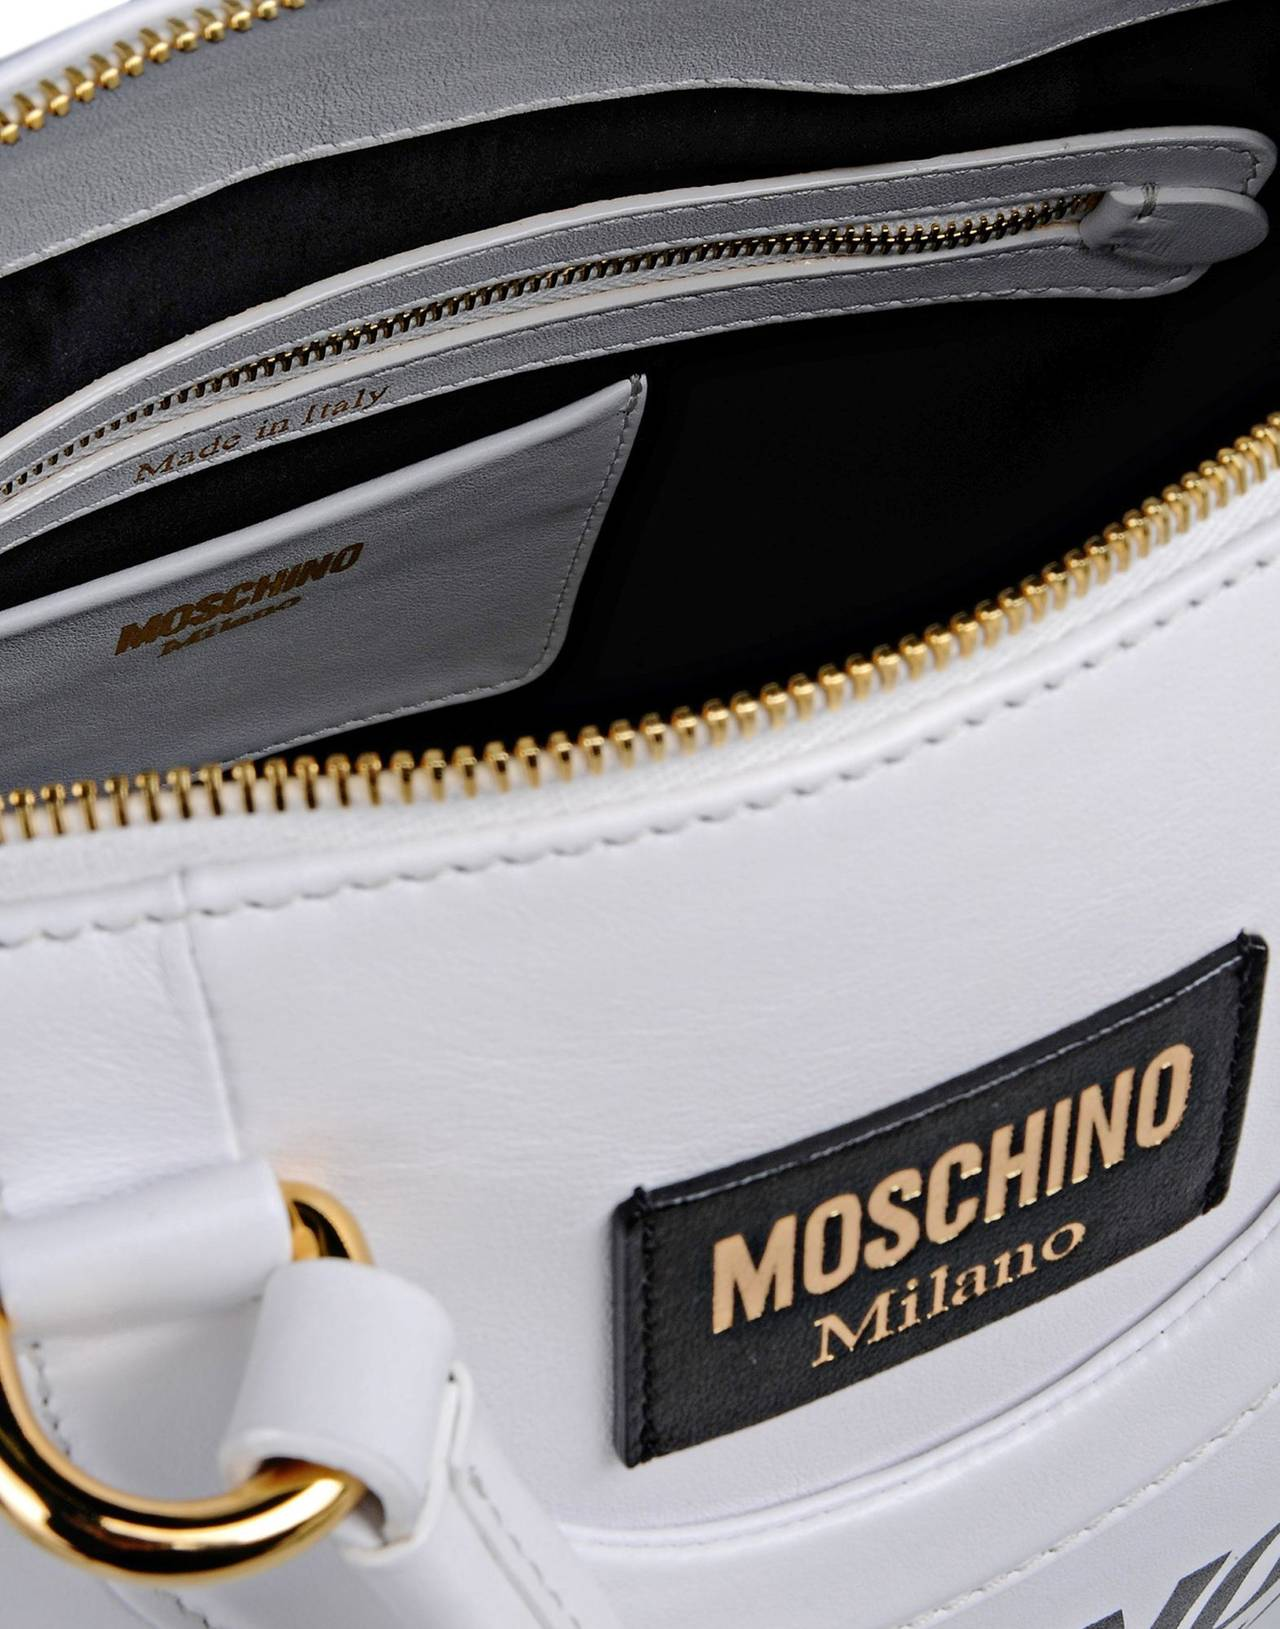 Moschino Milano Bag New Moschino Purse Bag